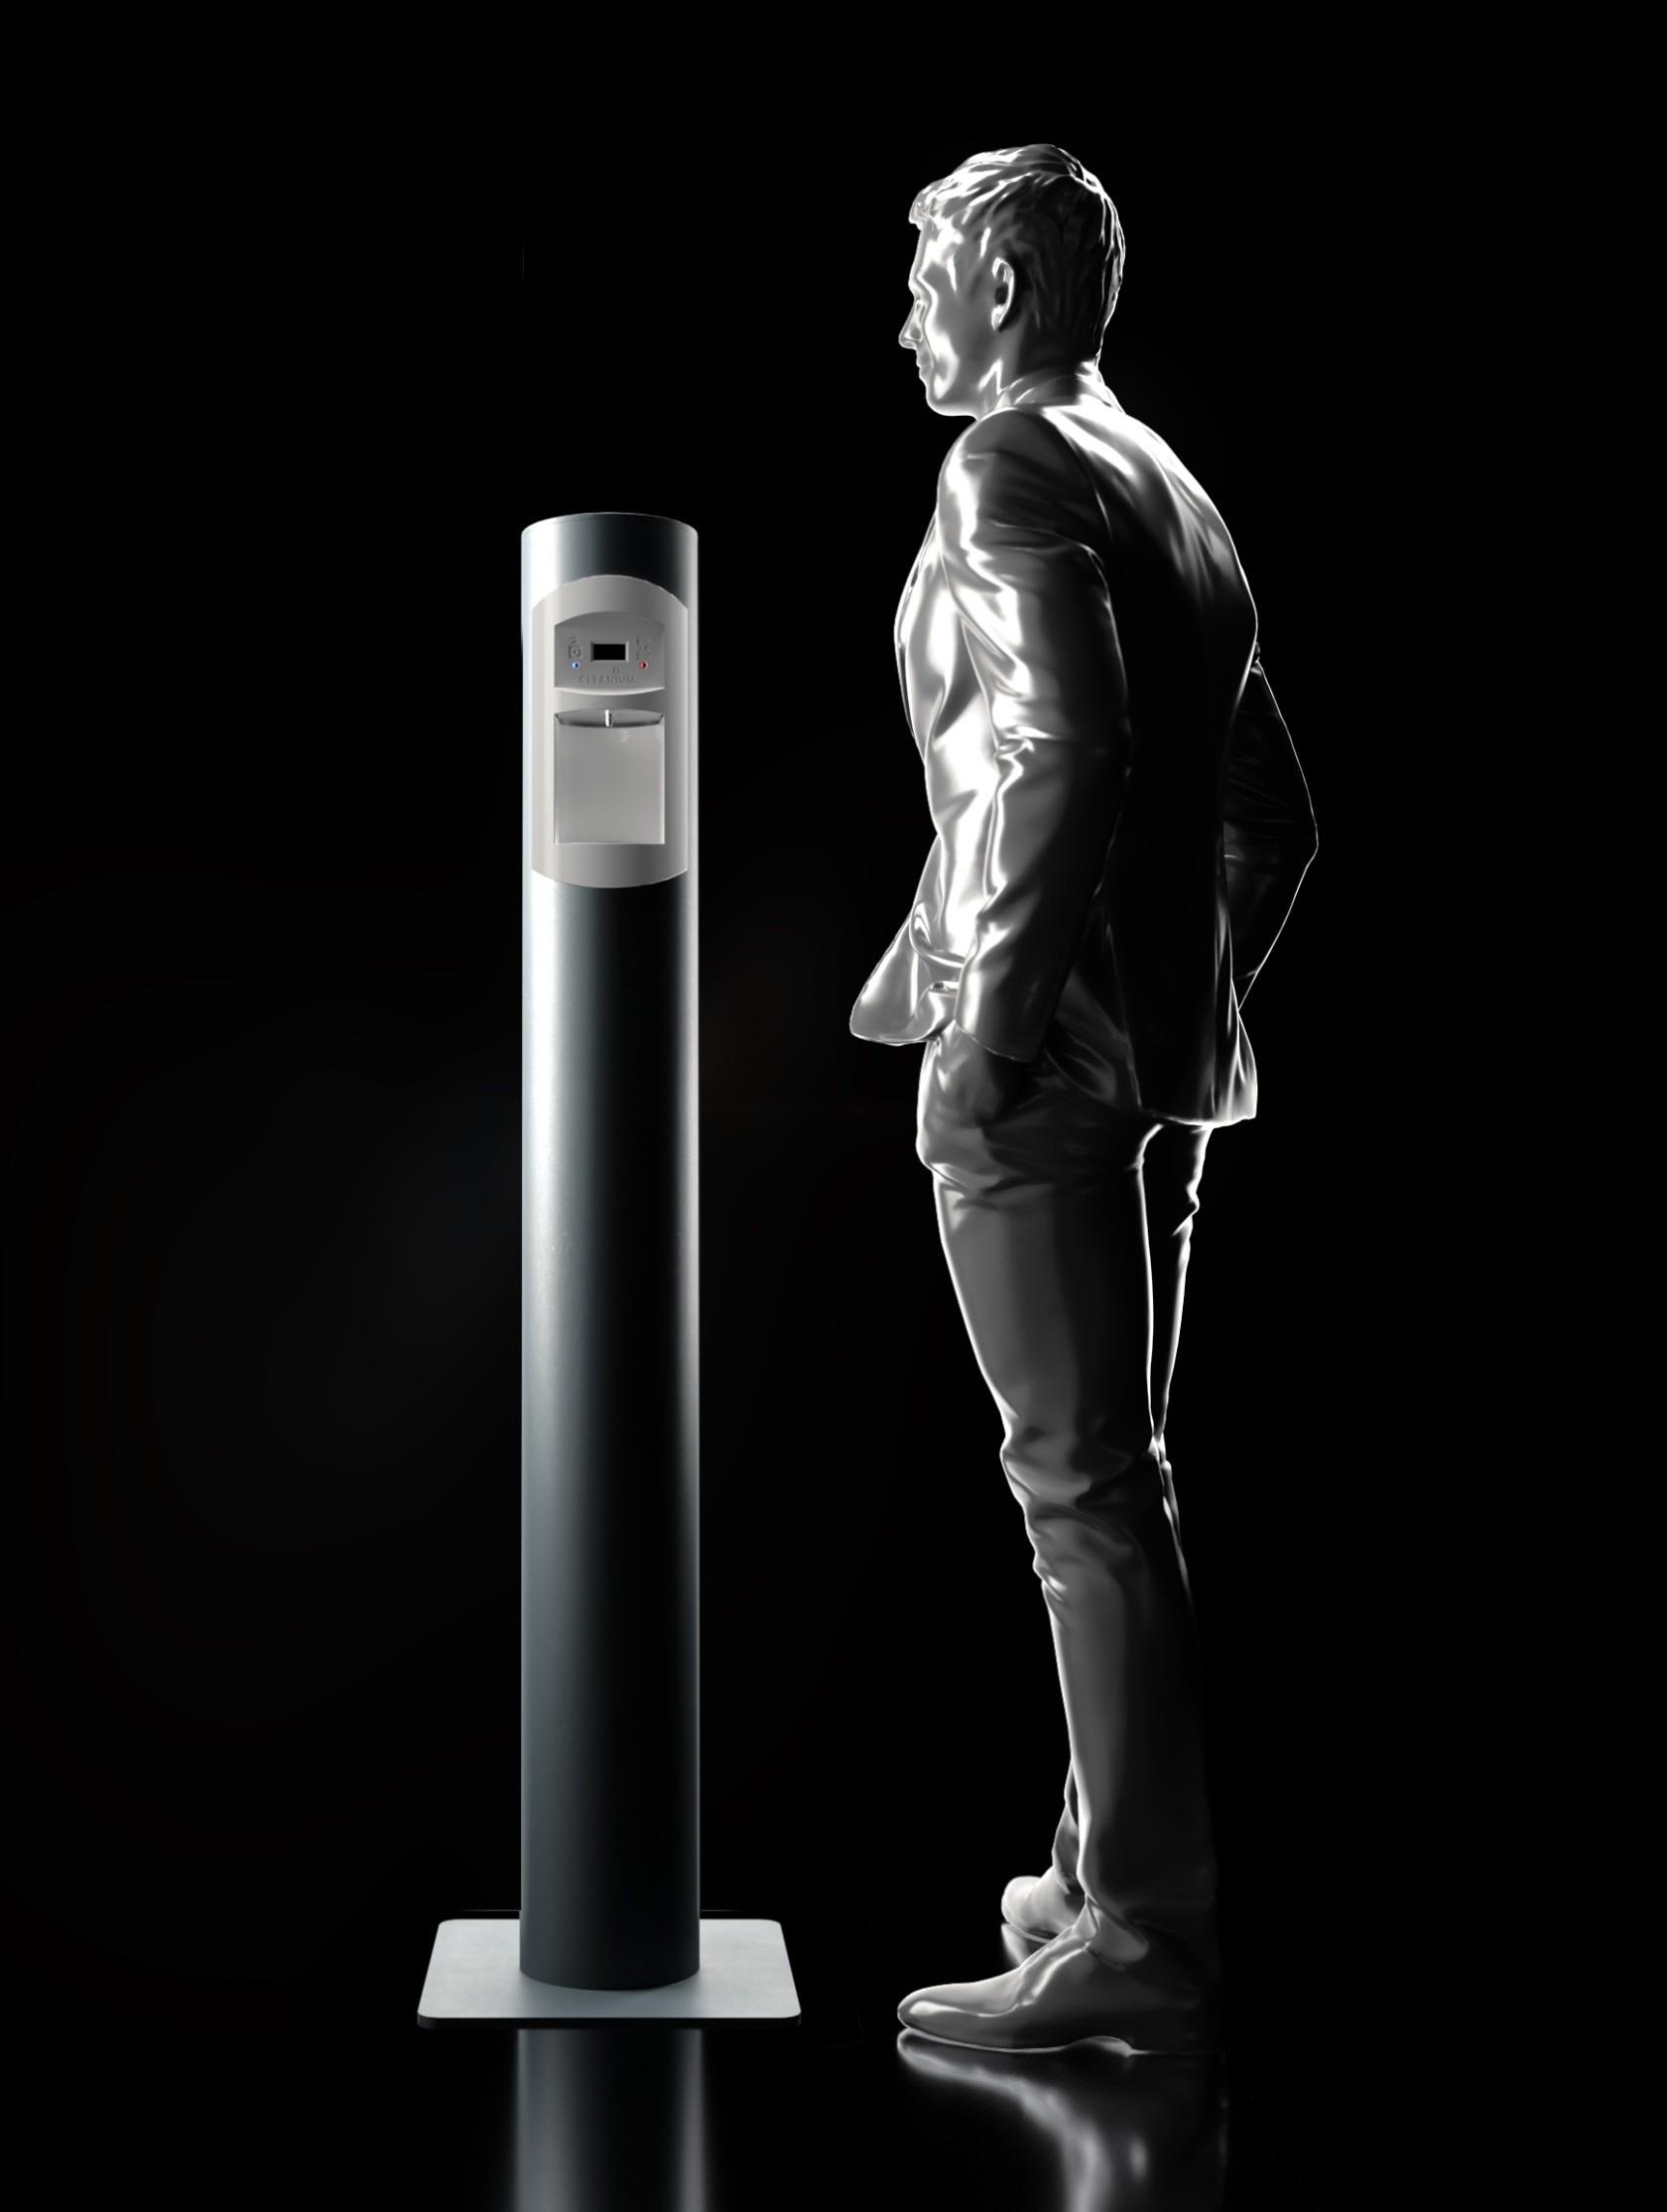 Voilàp Digital: Cleanium Smart Grey_1